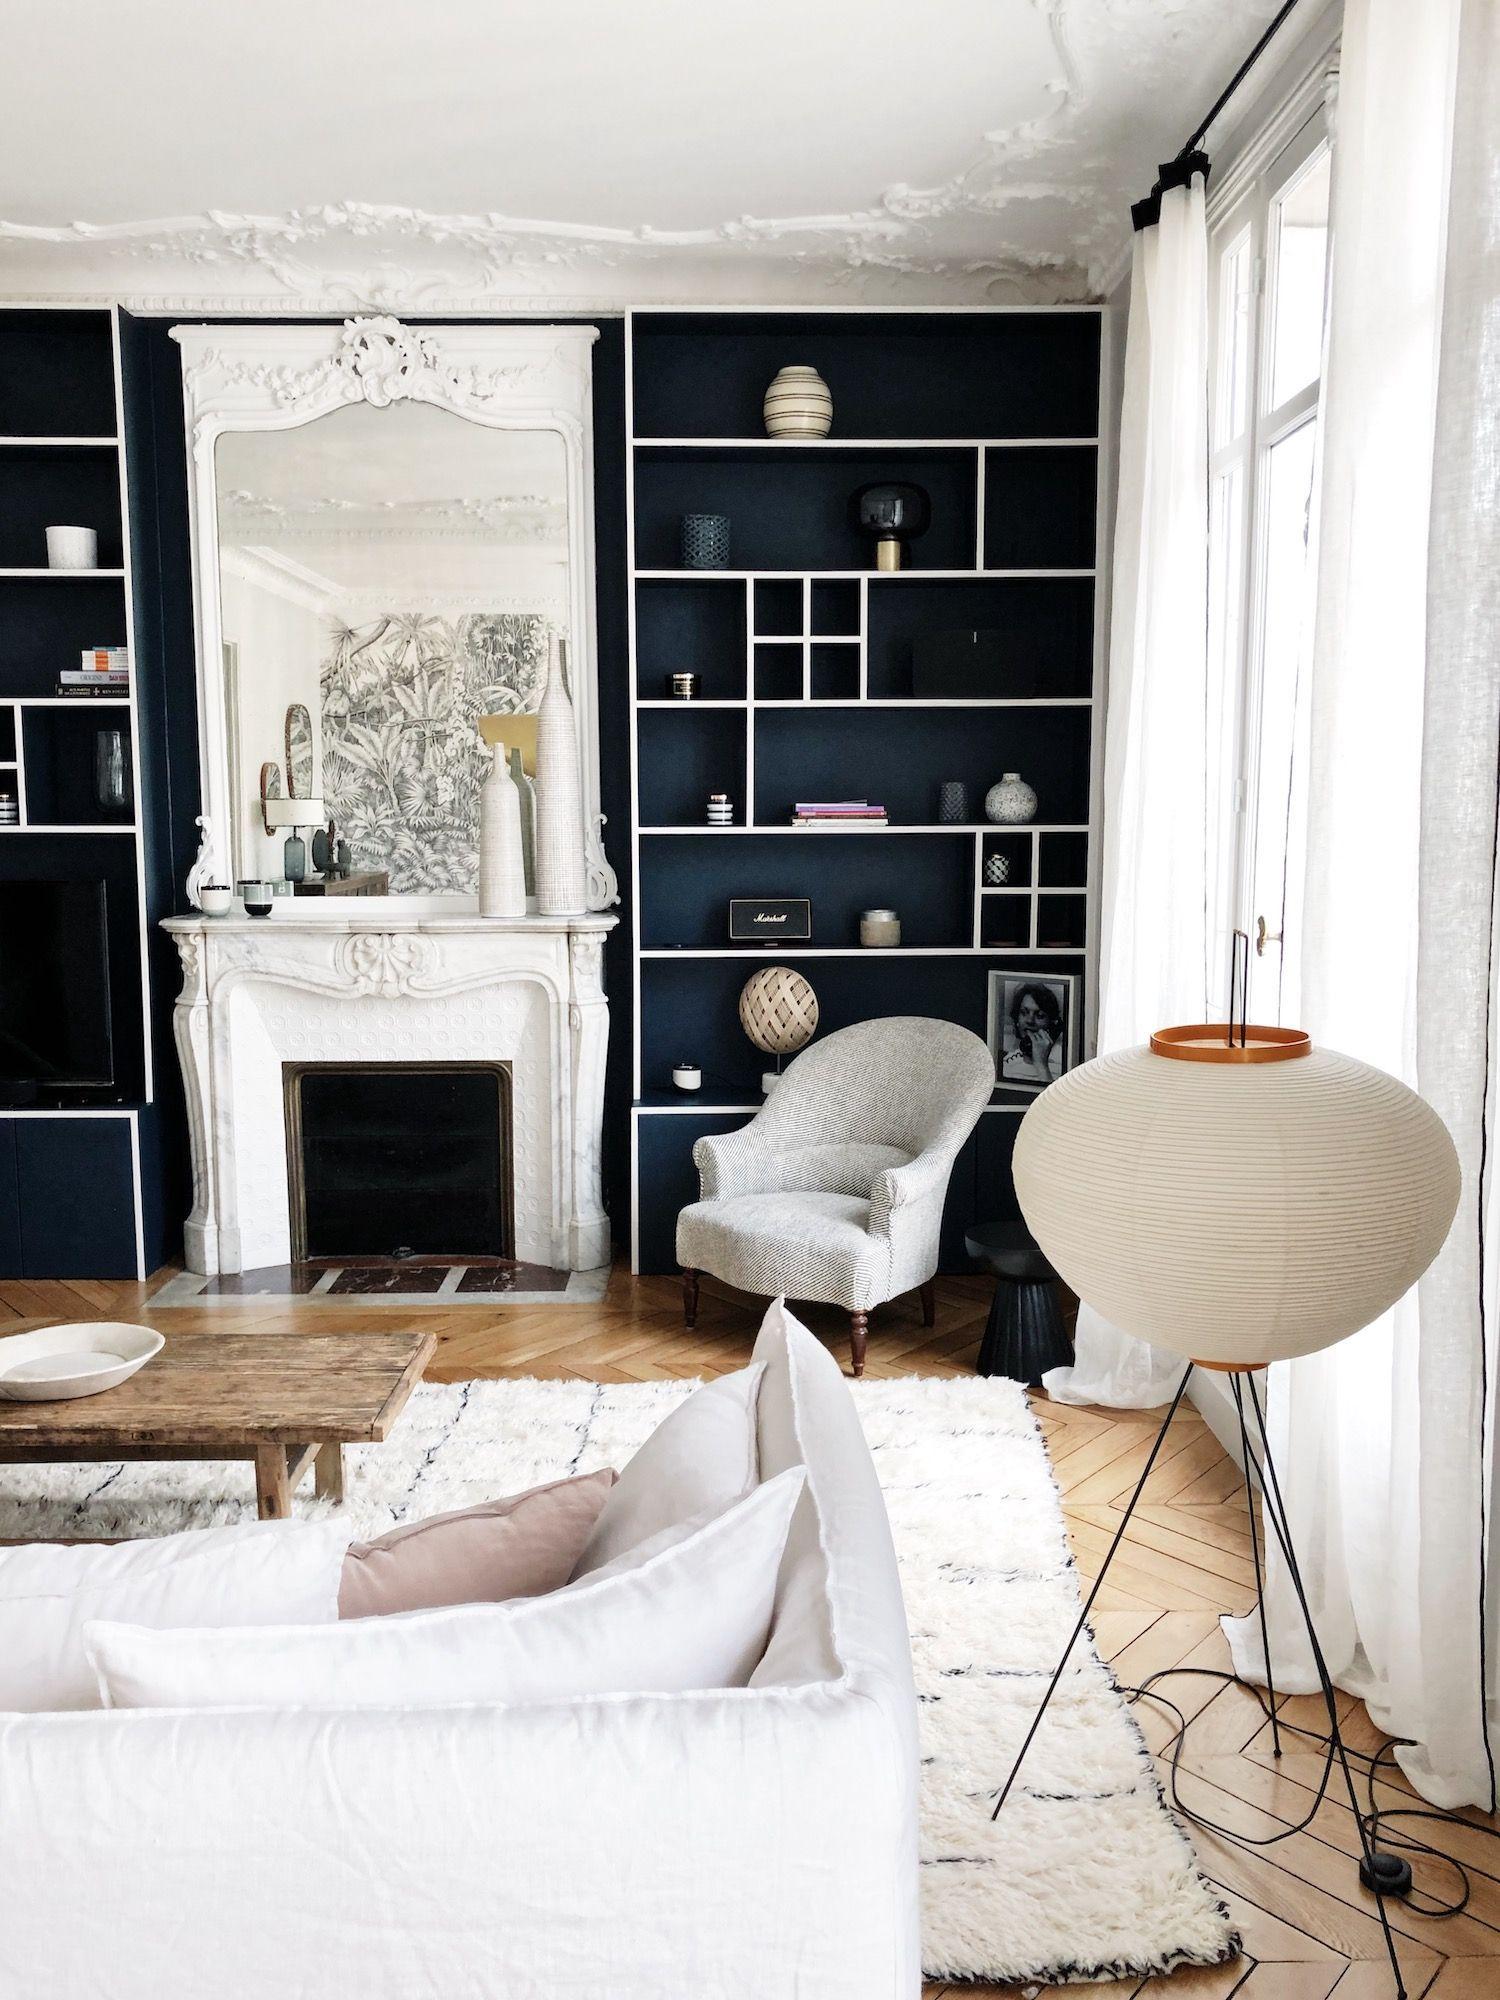 Decor Ideas Diy Decor Room Ideas Diy Decor Ideas Za Decor I